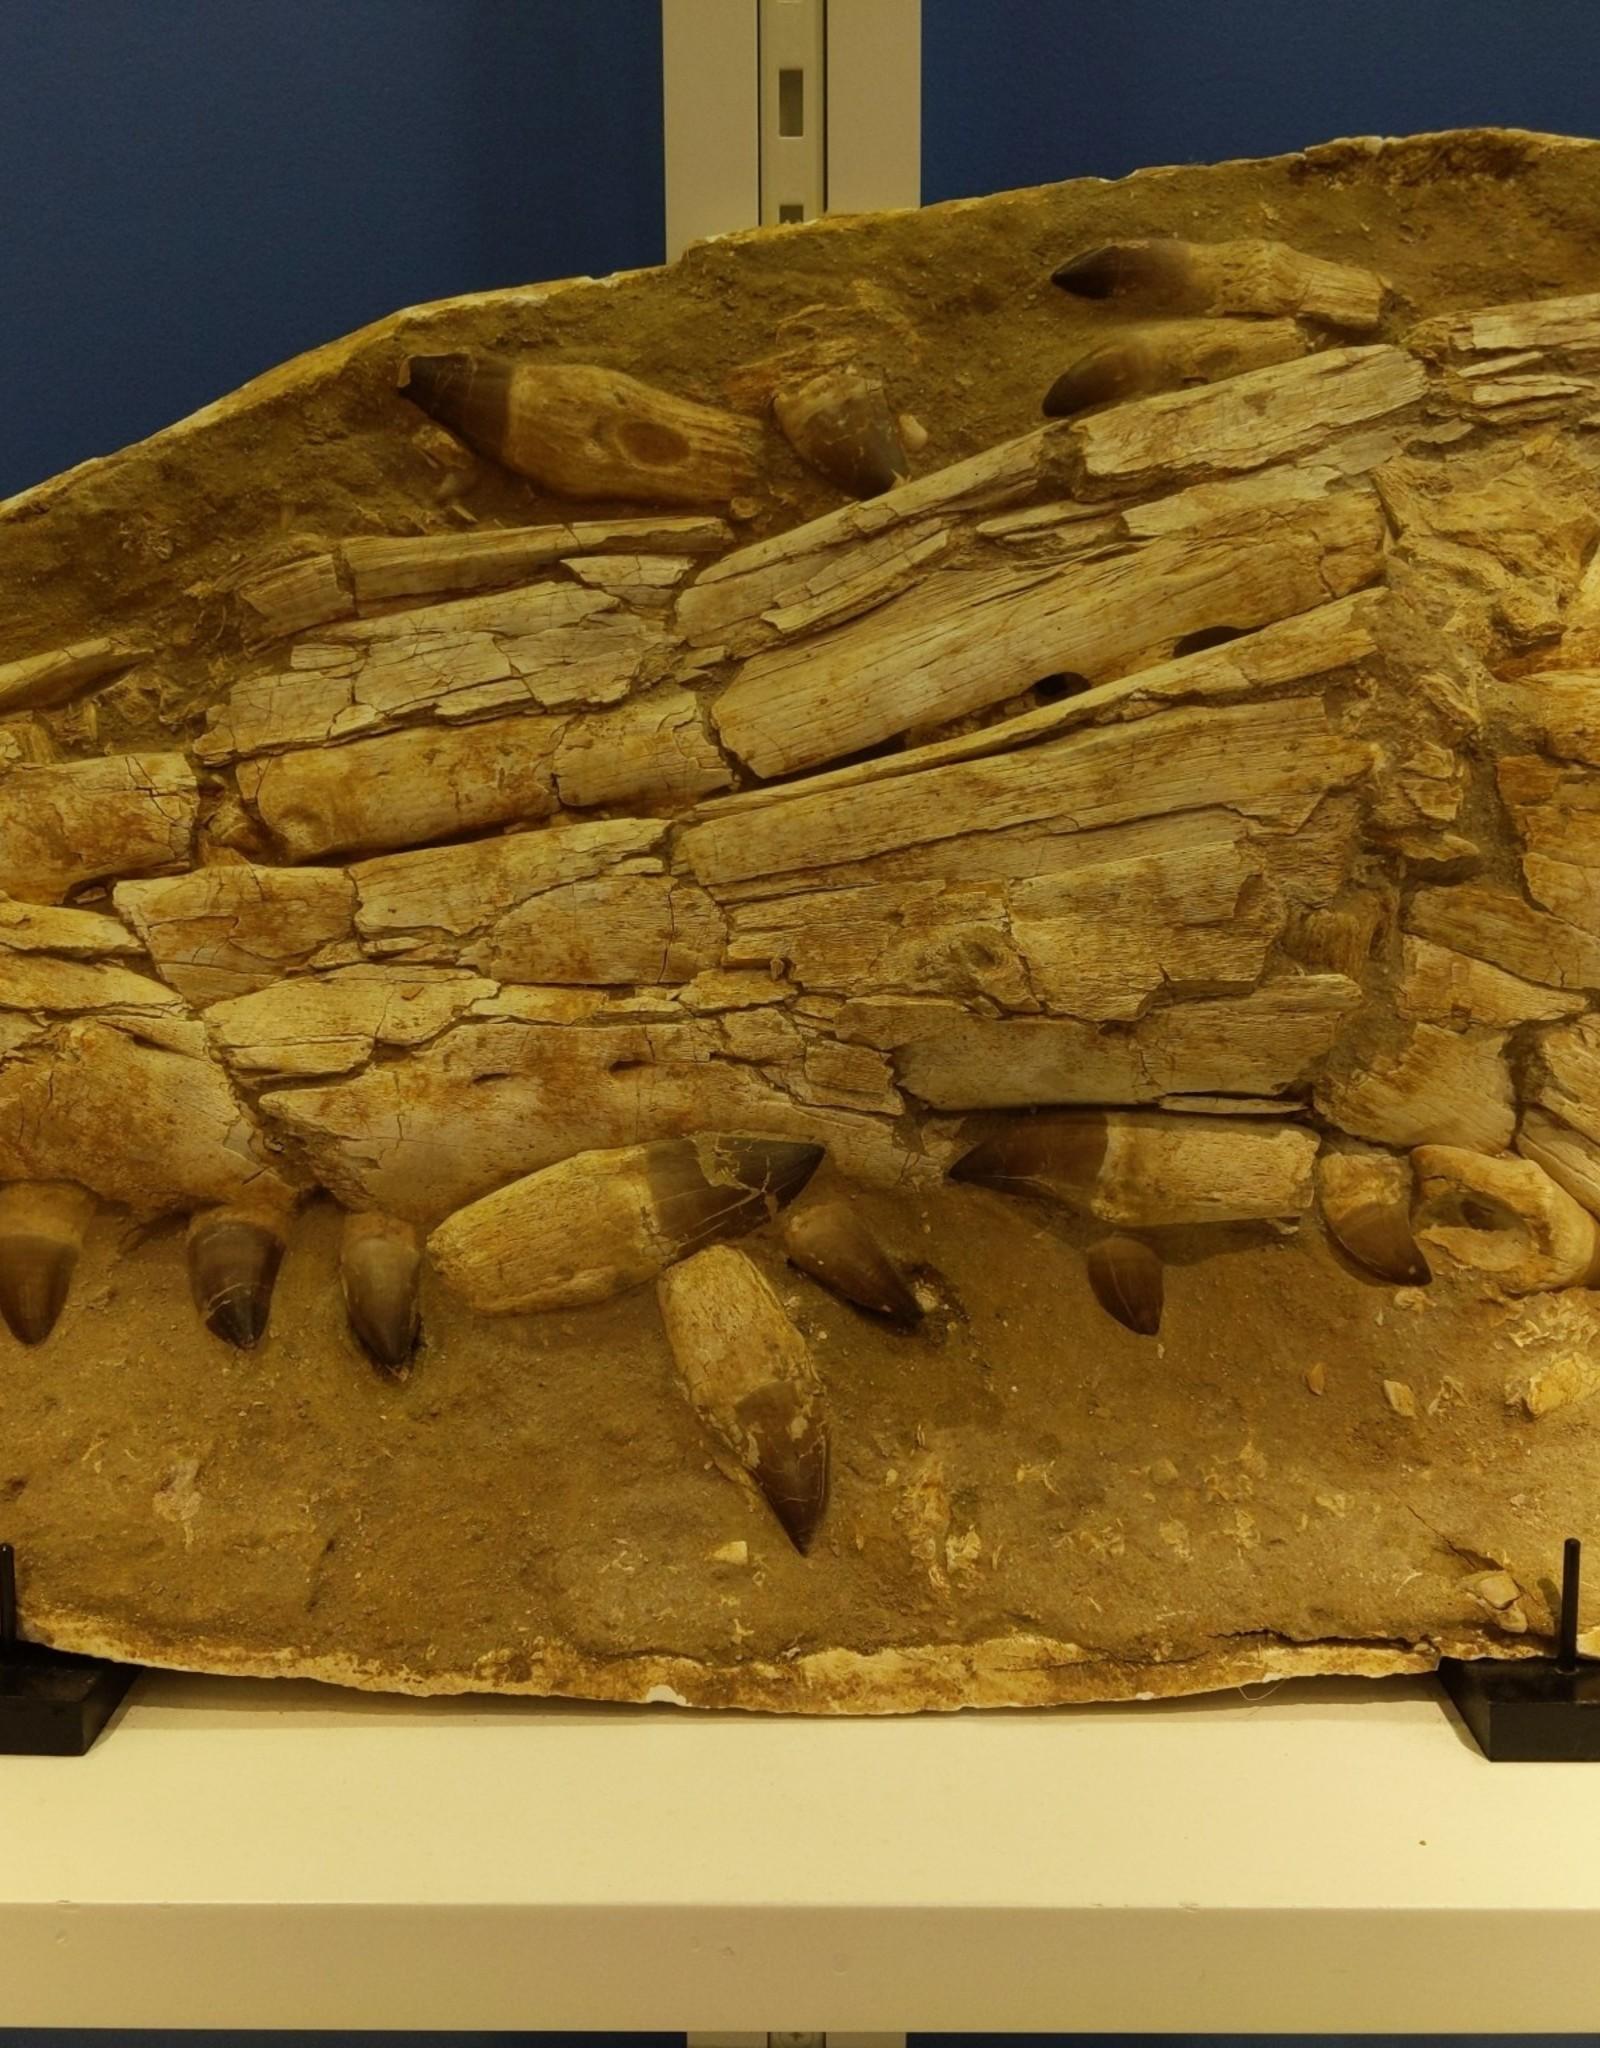 Fossil Mosasaur Skull, Morocco